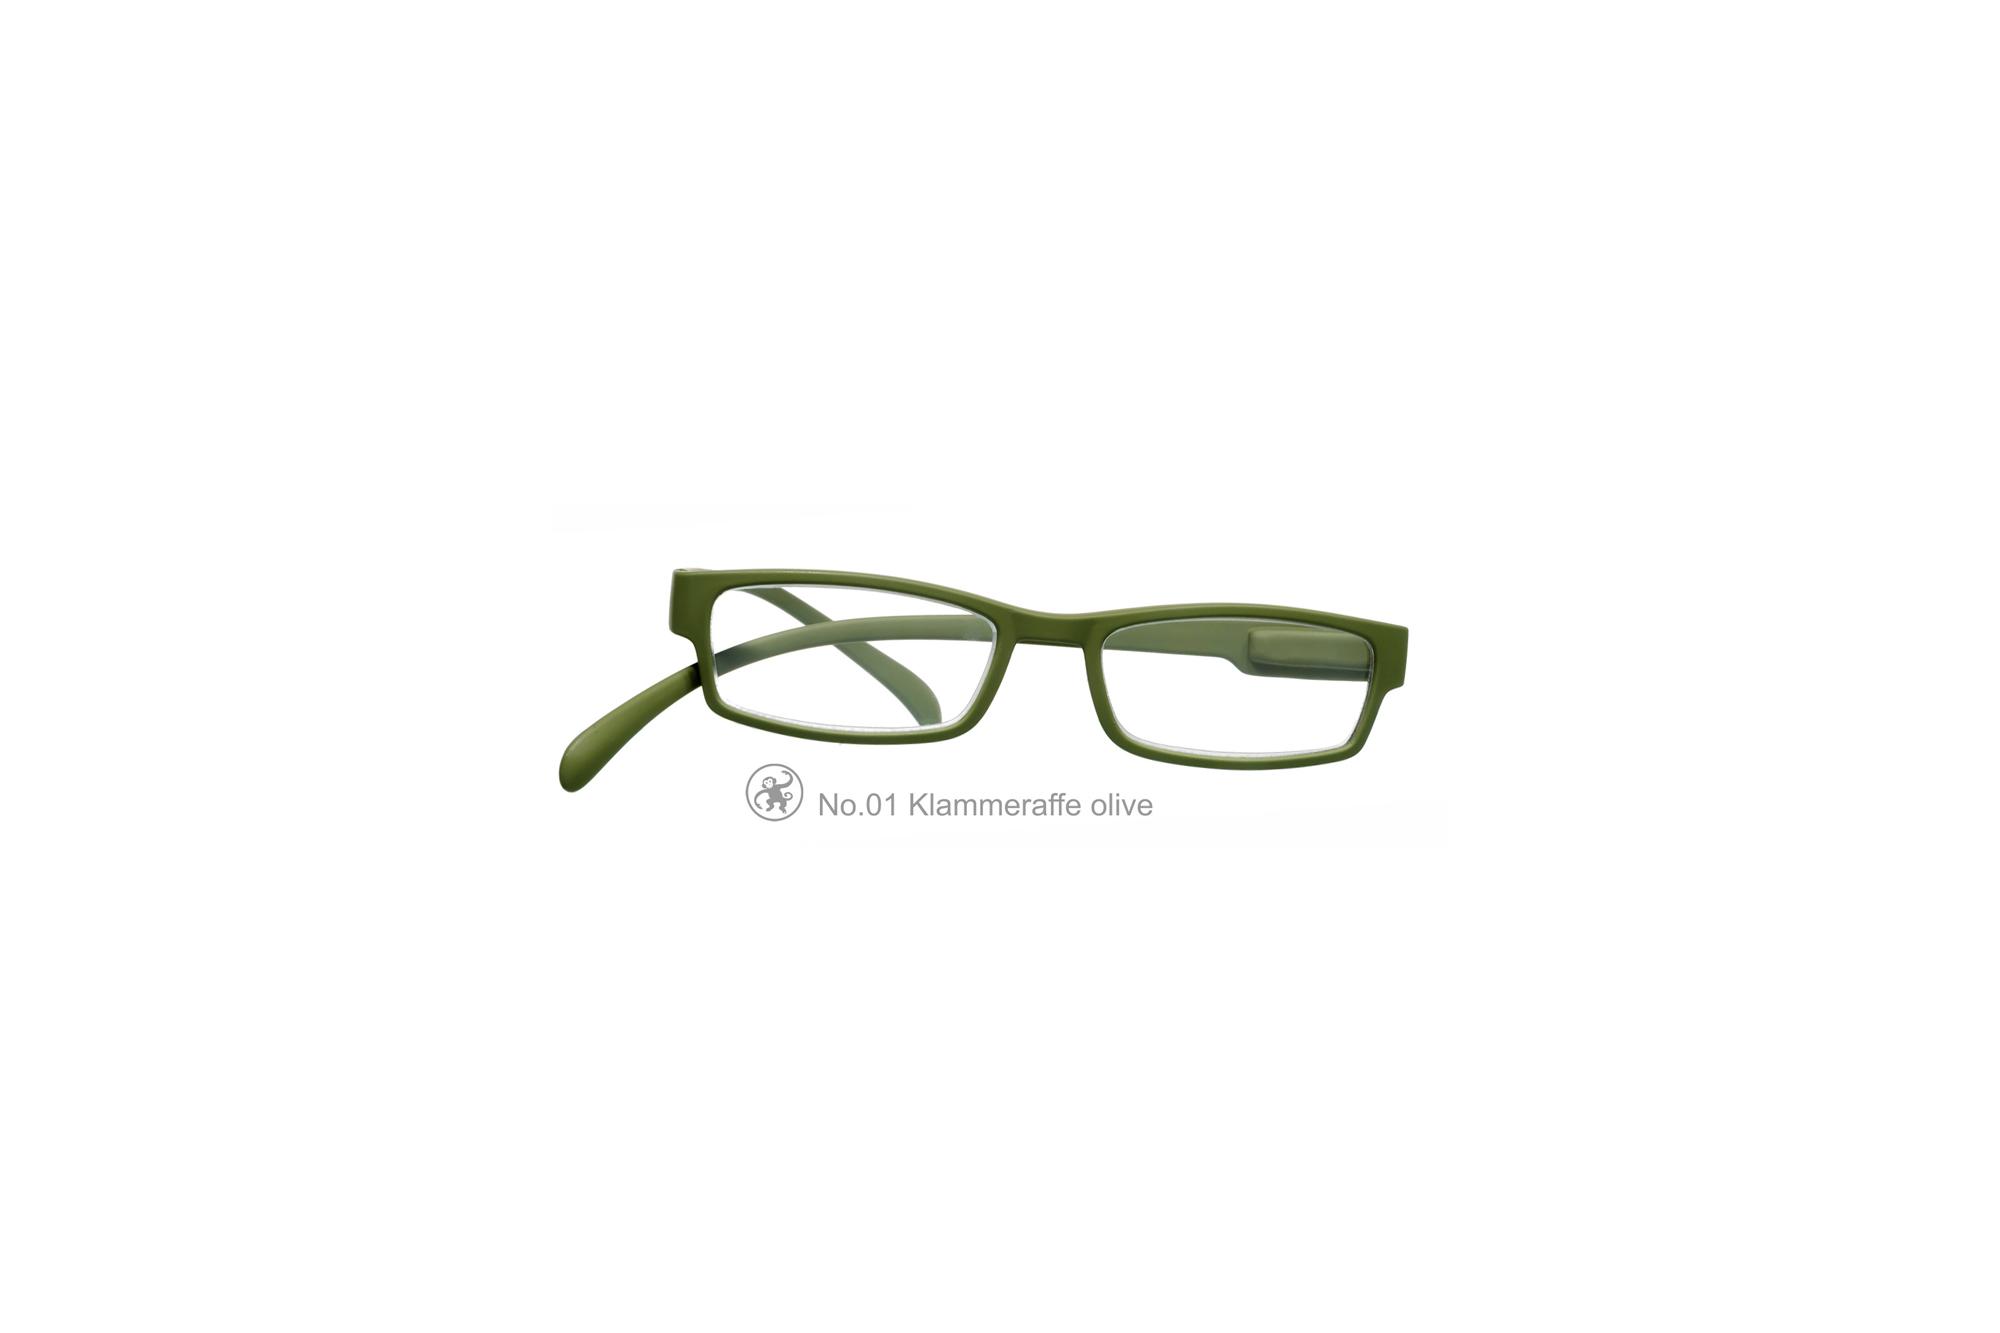 Klammeraffe Modell 01, olive